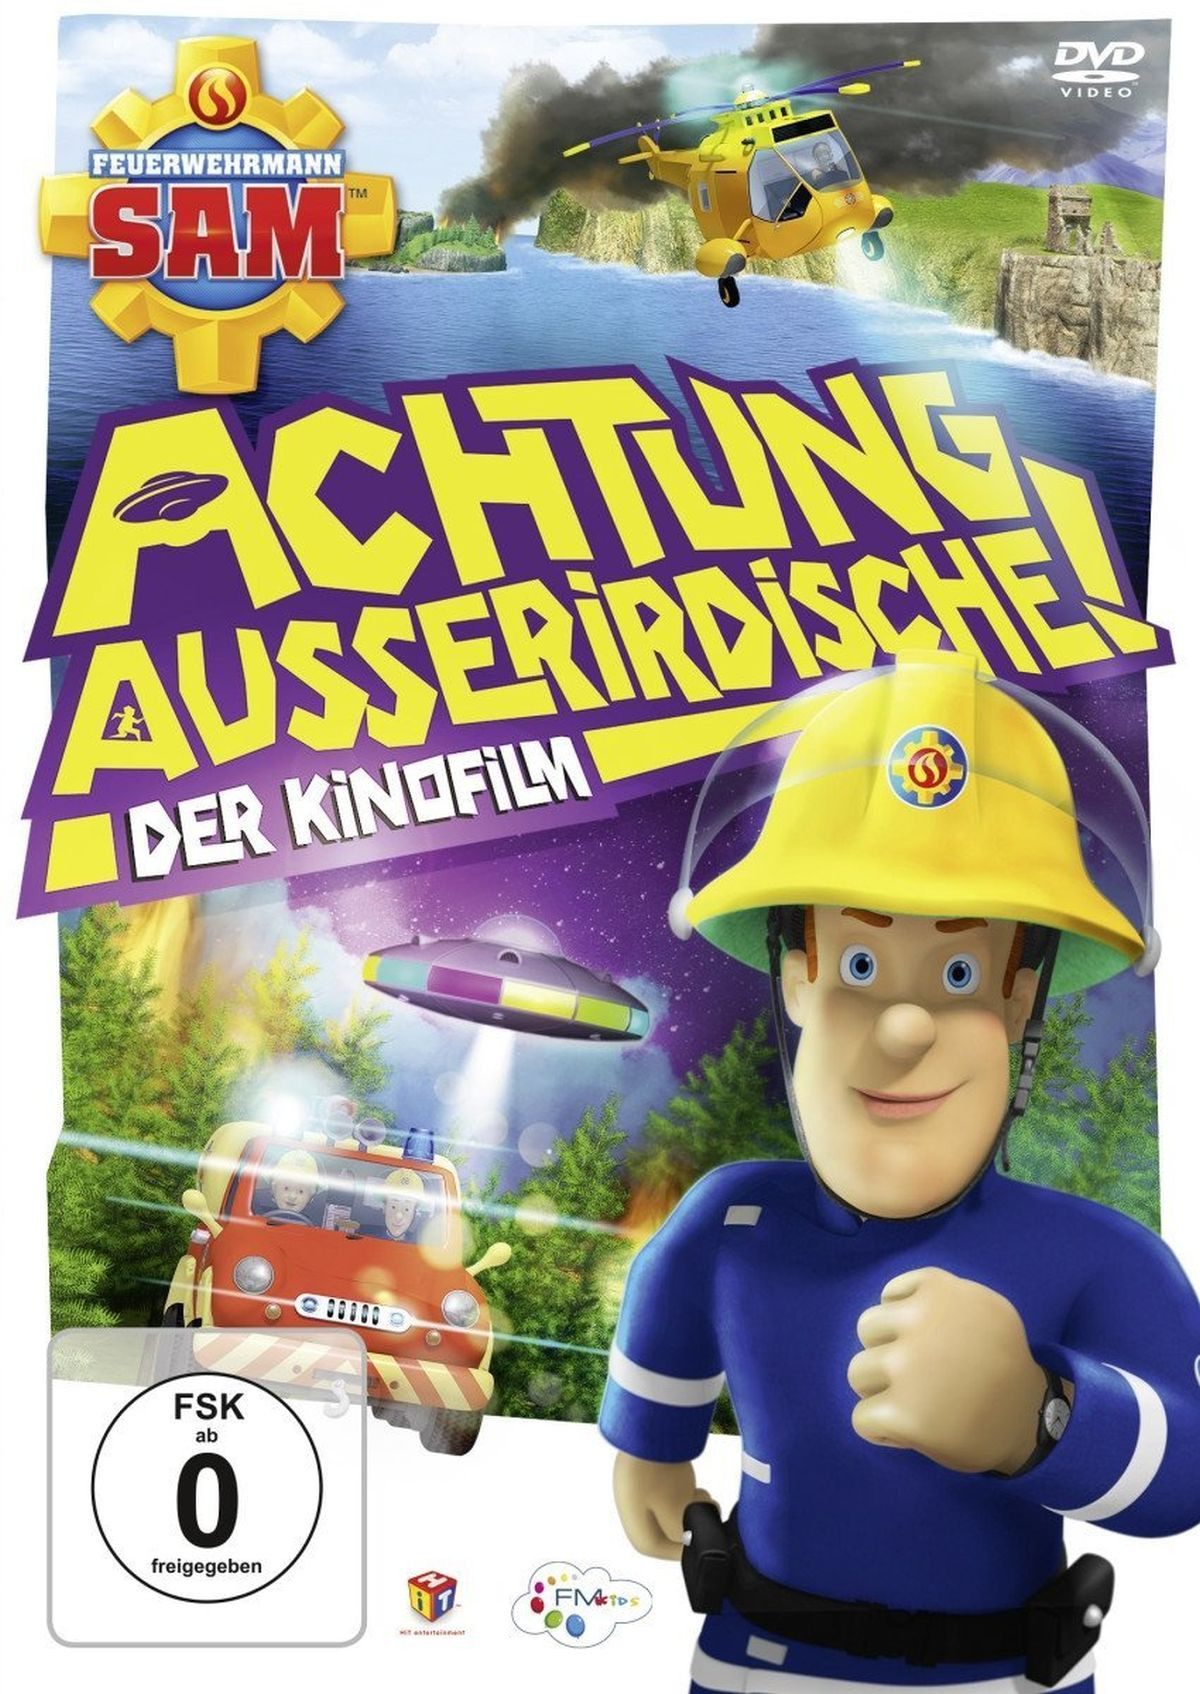 Feuerwehrmann Sam - Achtung Ausserirdische - Der Kinofilm